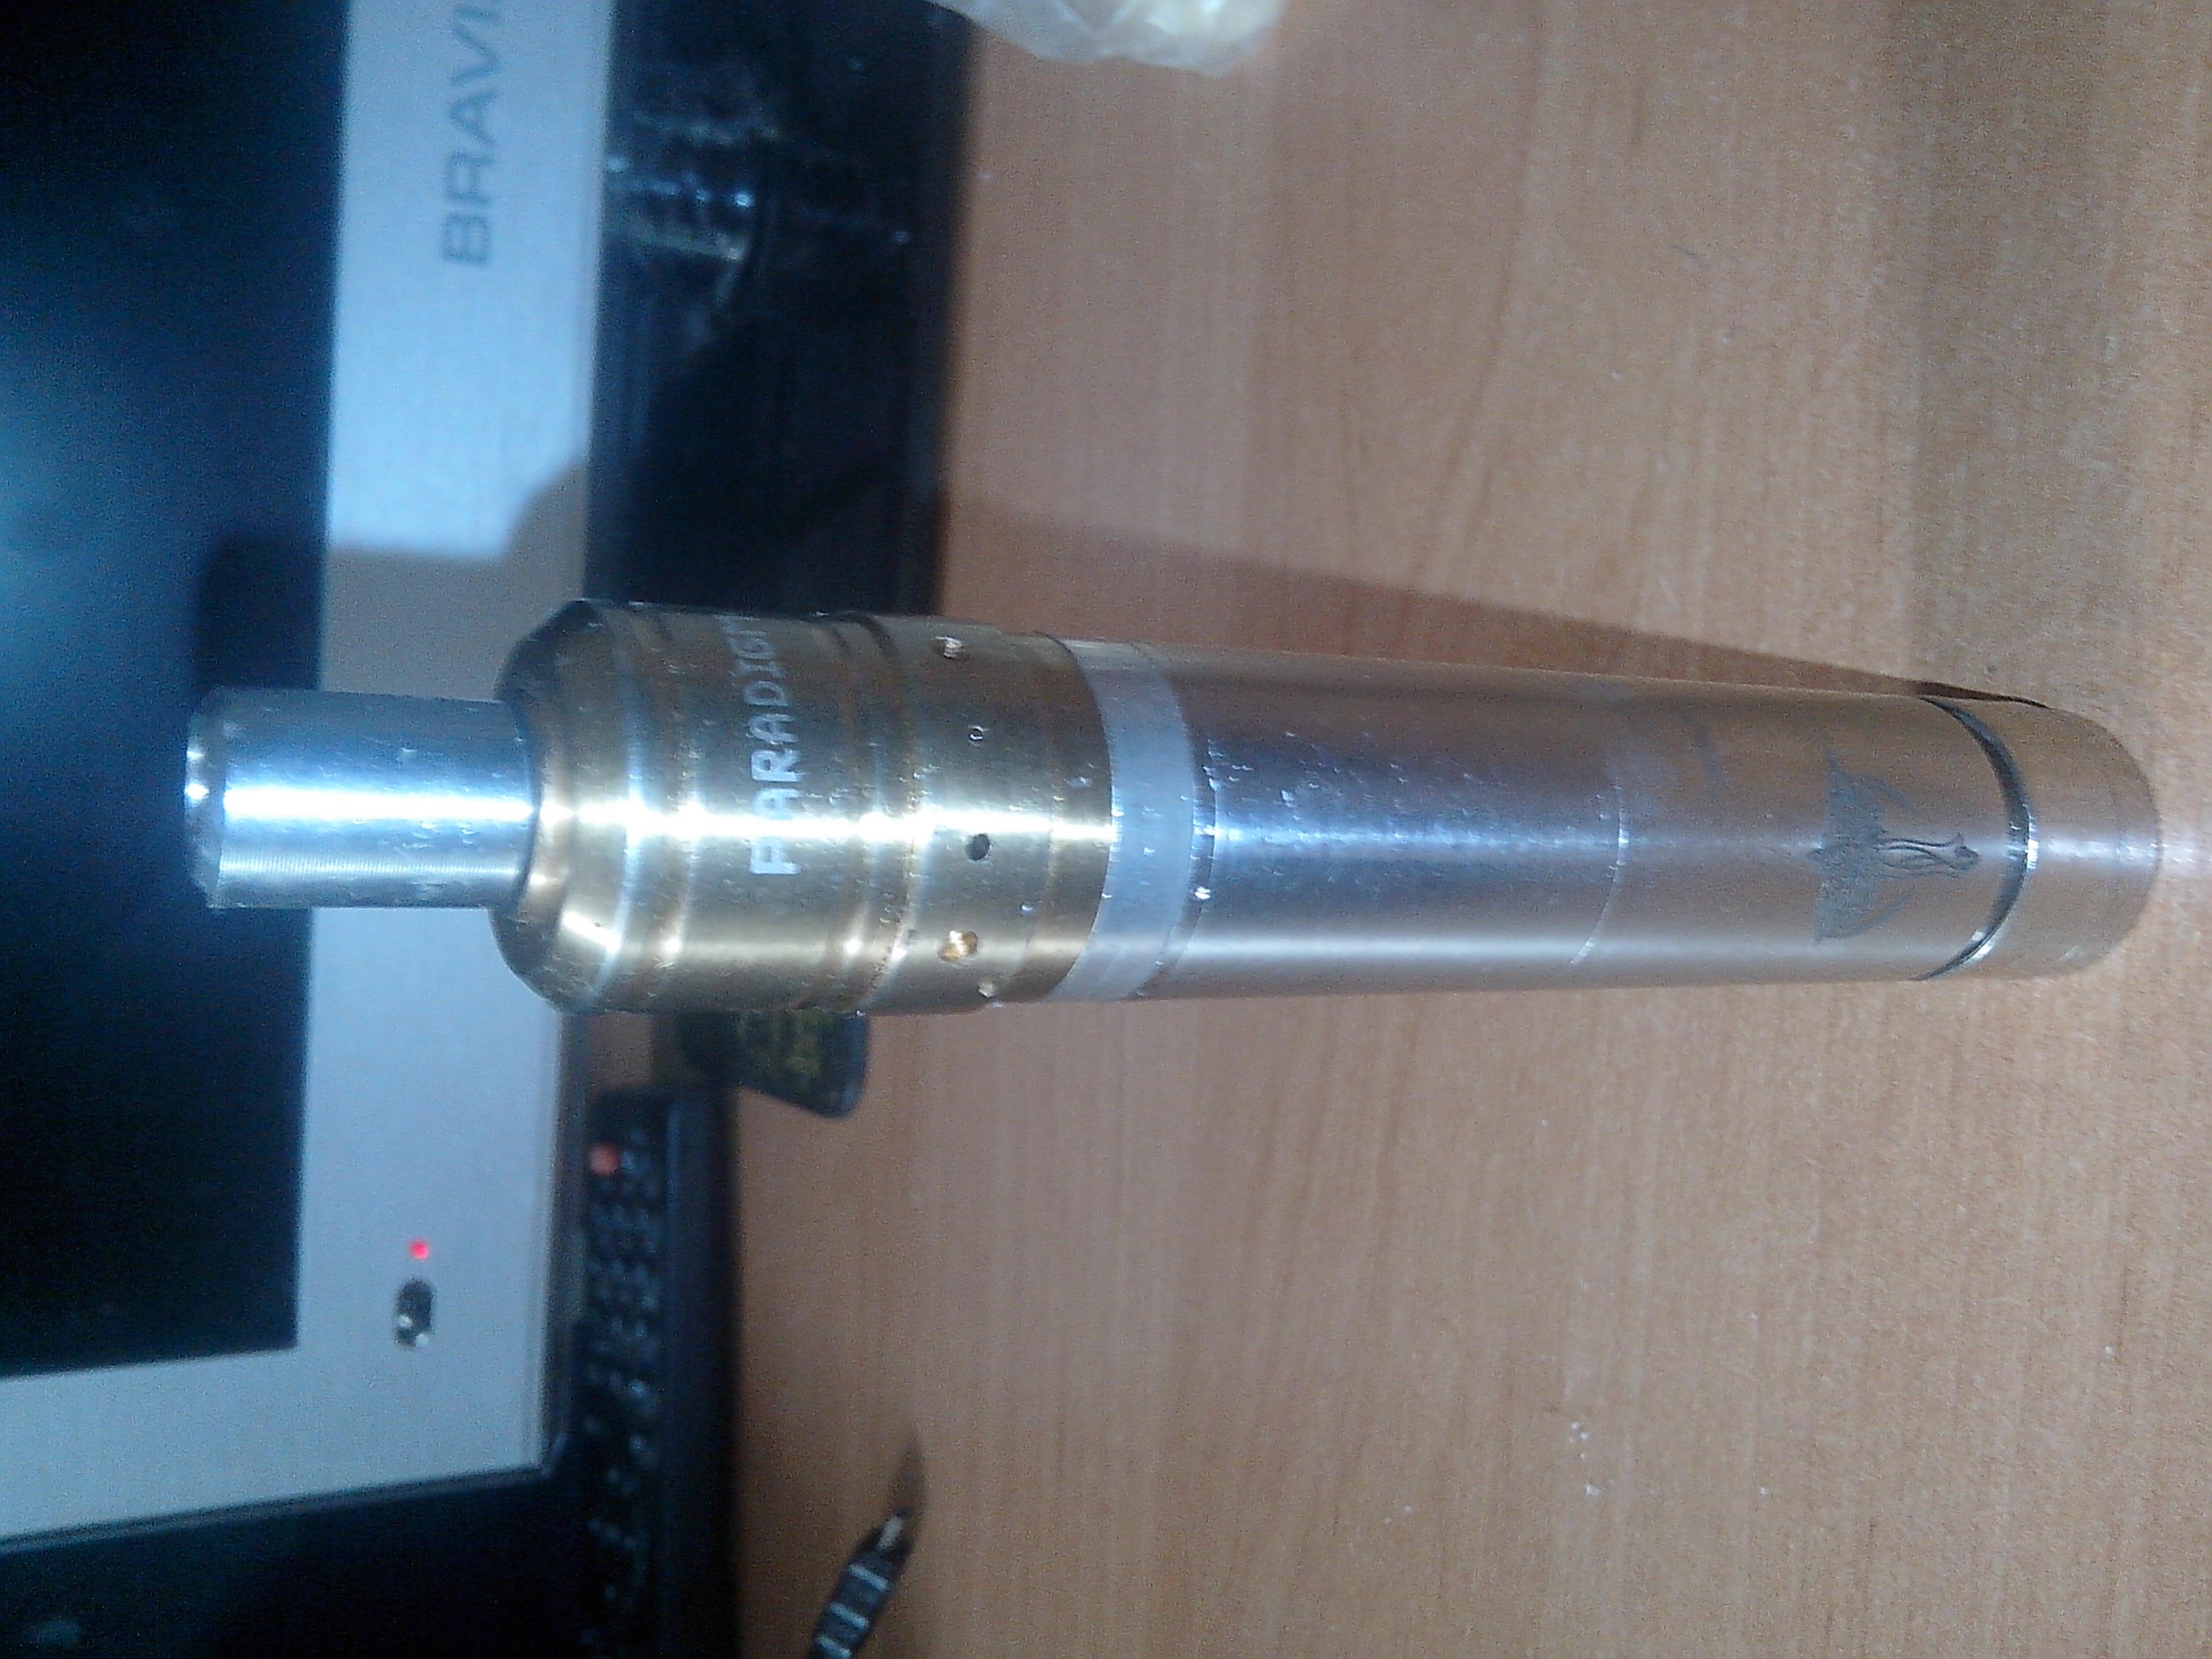 Продам nemesis, magma, аккумулятор, жидкость + куча плюшек 802